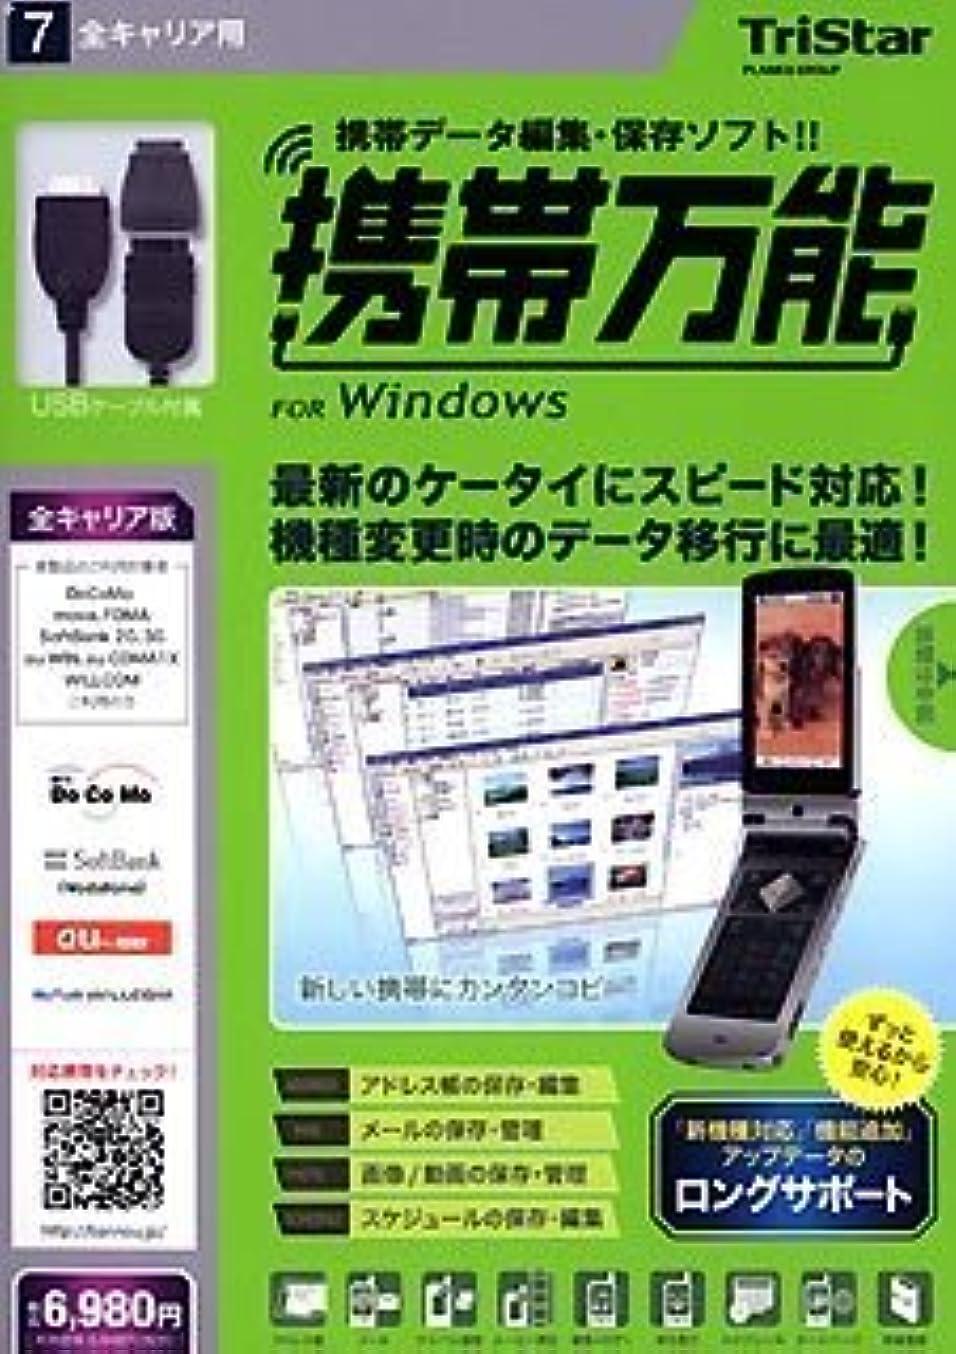 携帯万能 for Windows 全キャリア用